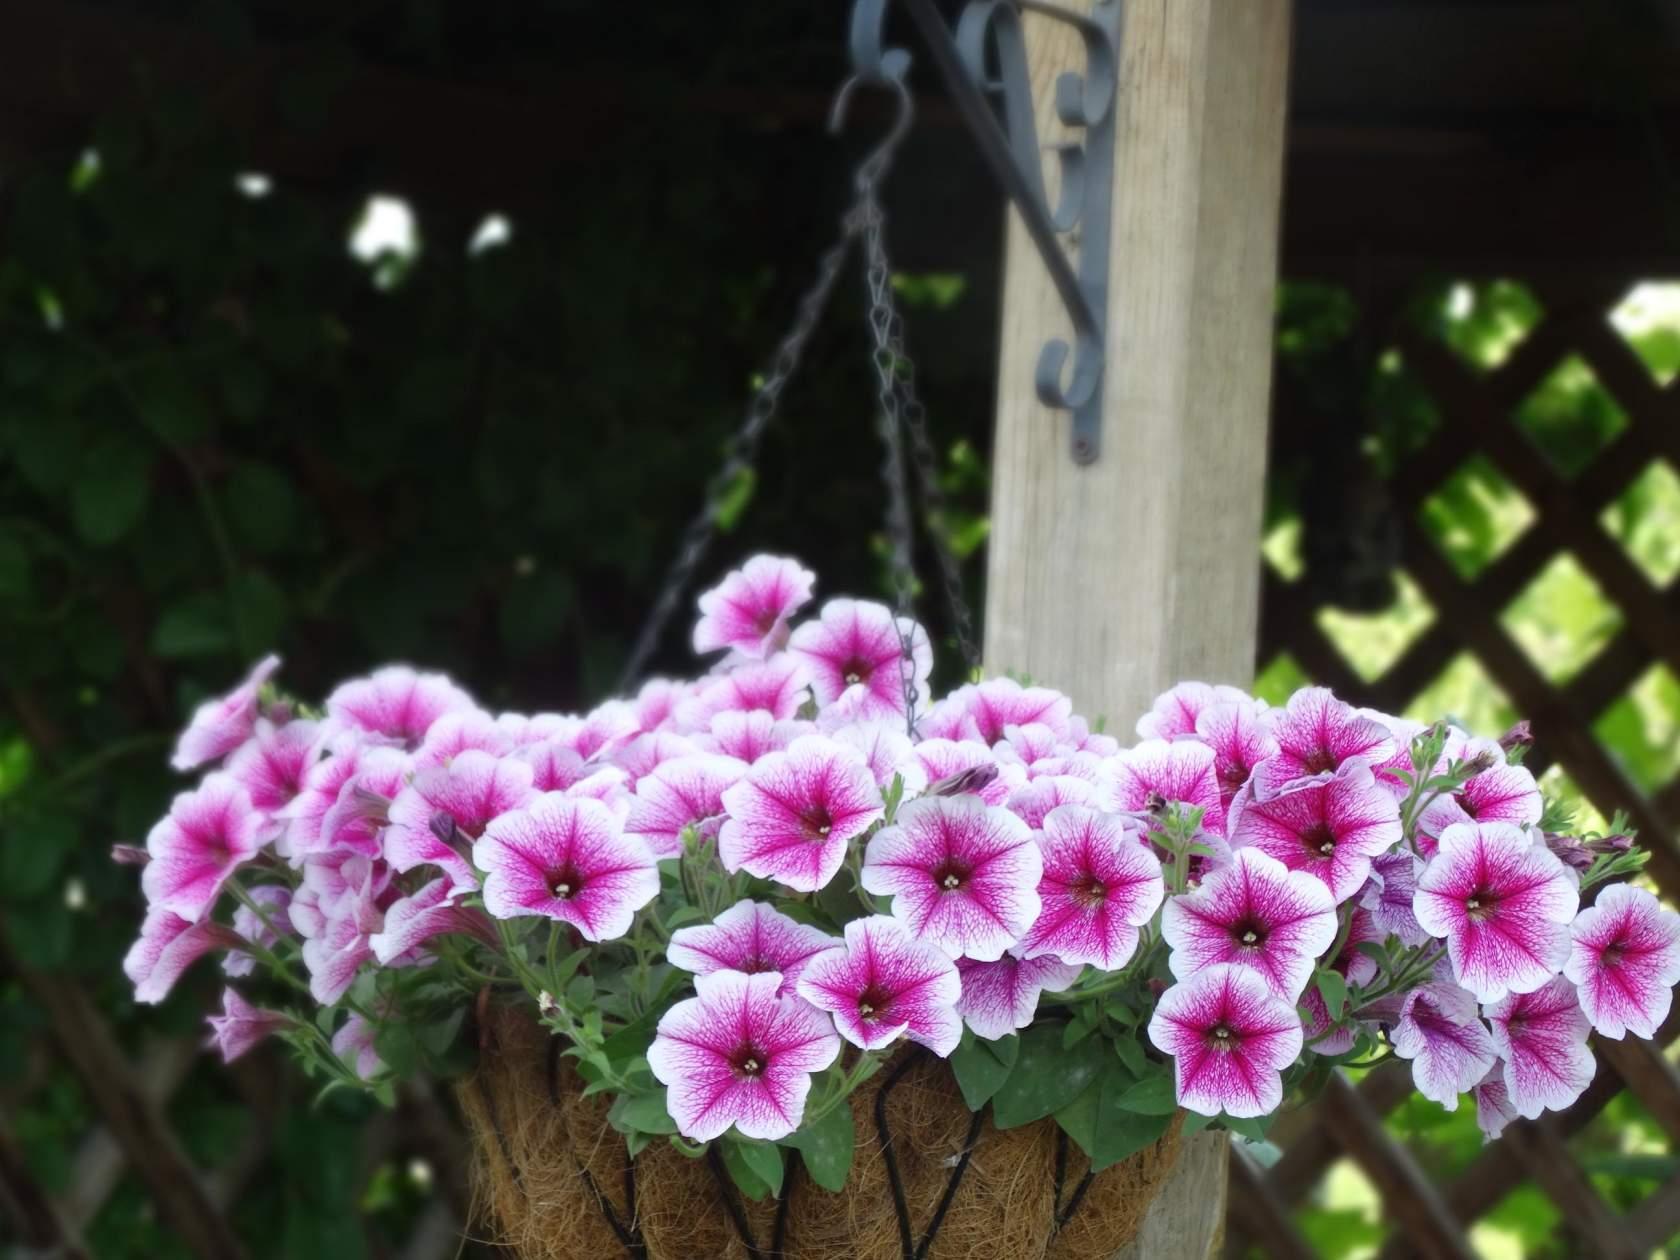 Фото алтайского заповедника душе, саду